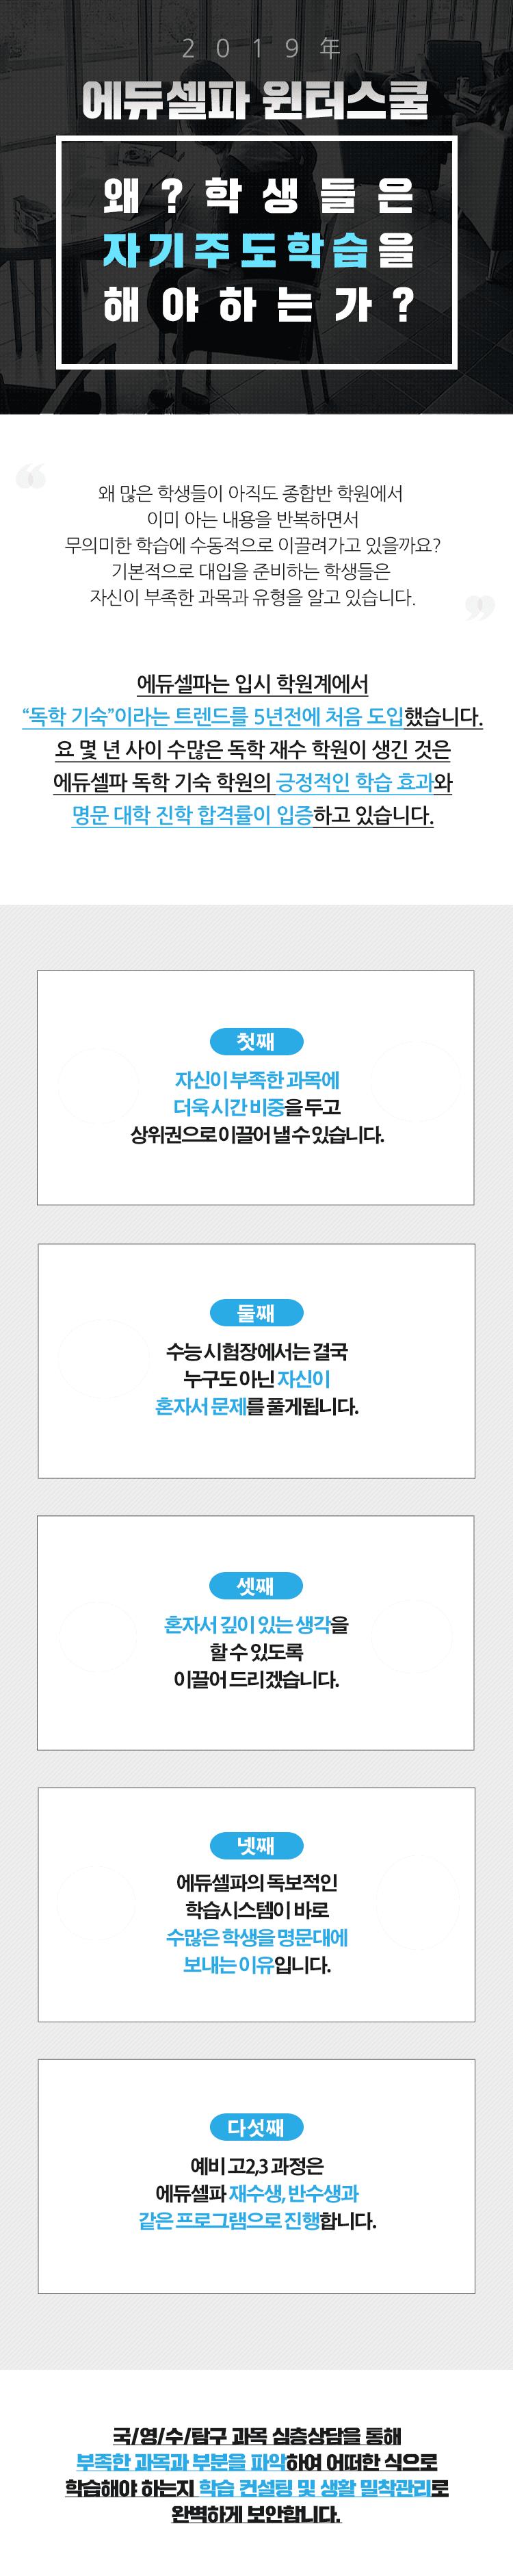 2019 윈터스쿨 에듀셀파 소개 mobile